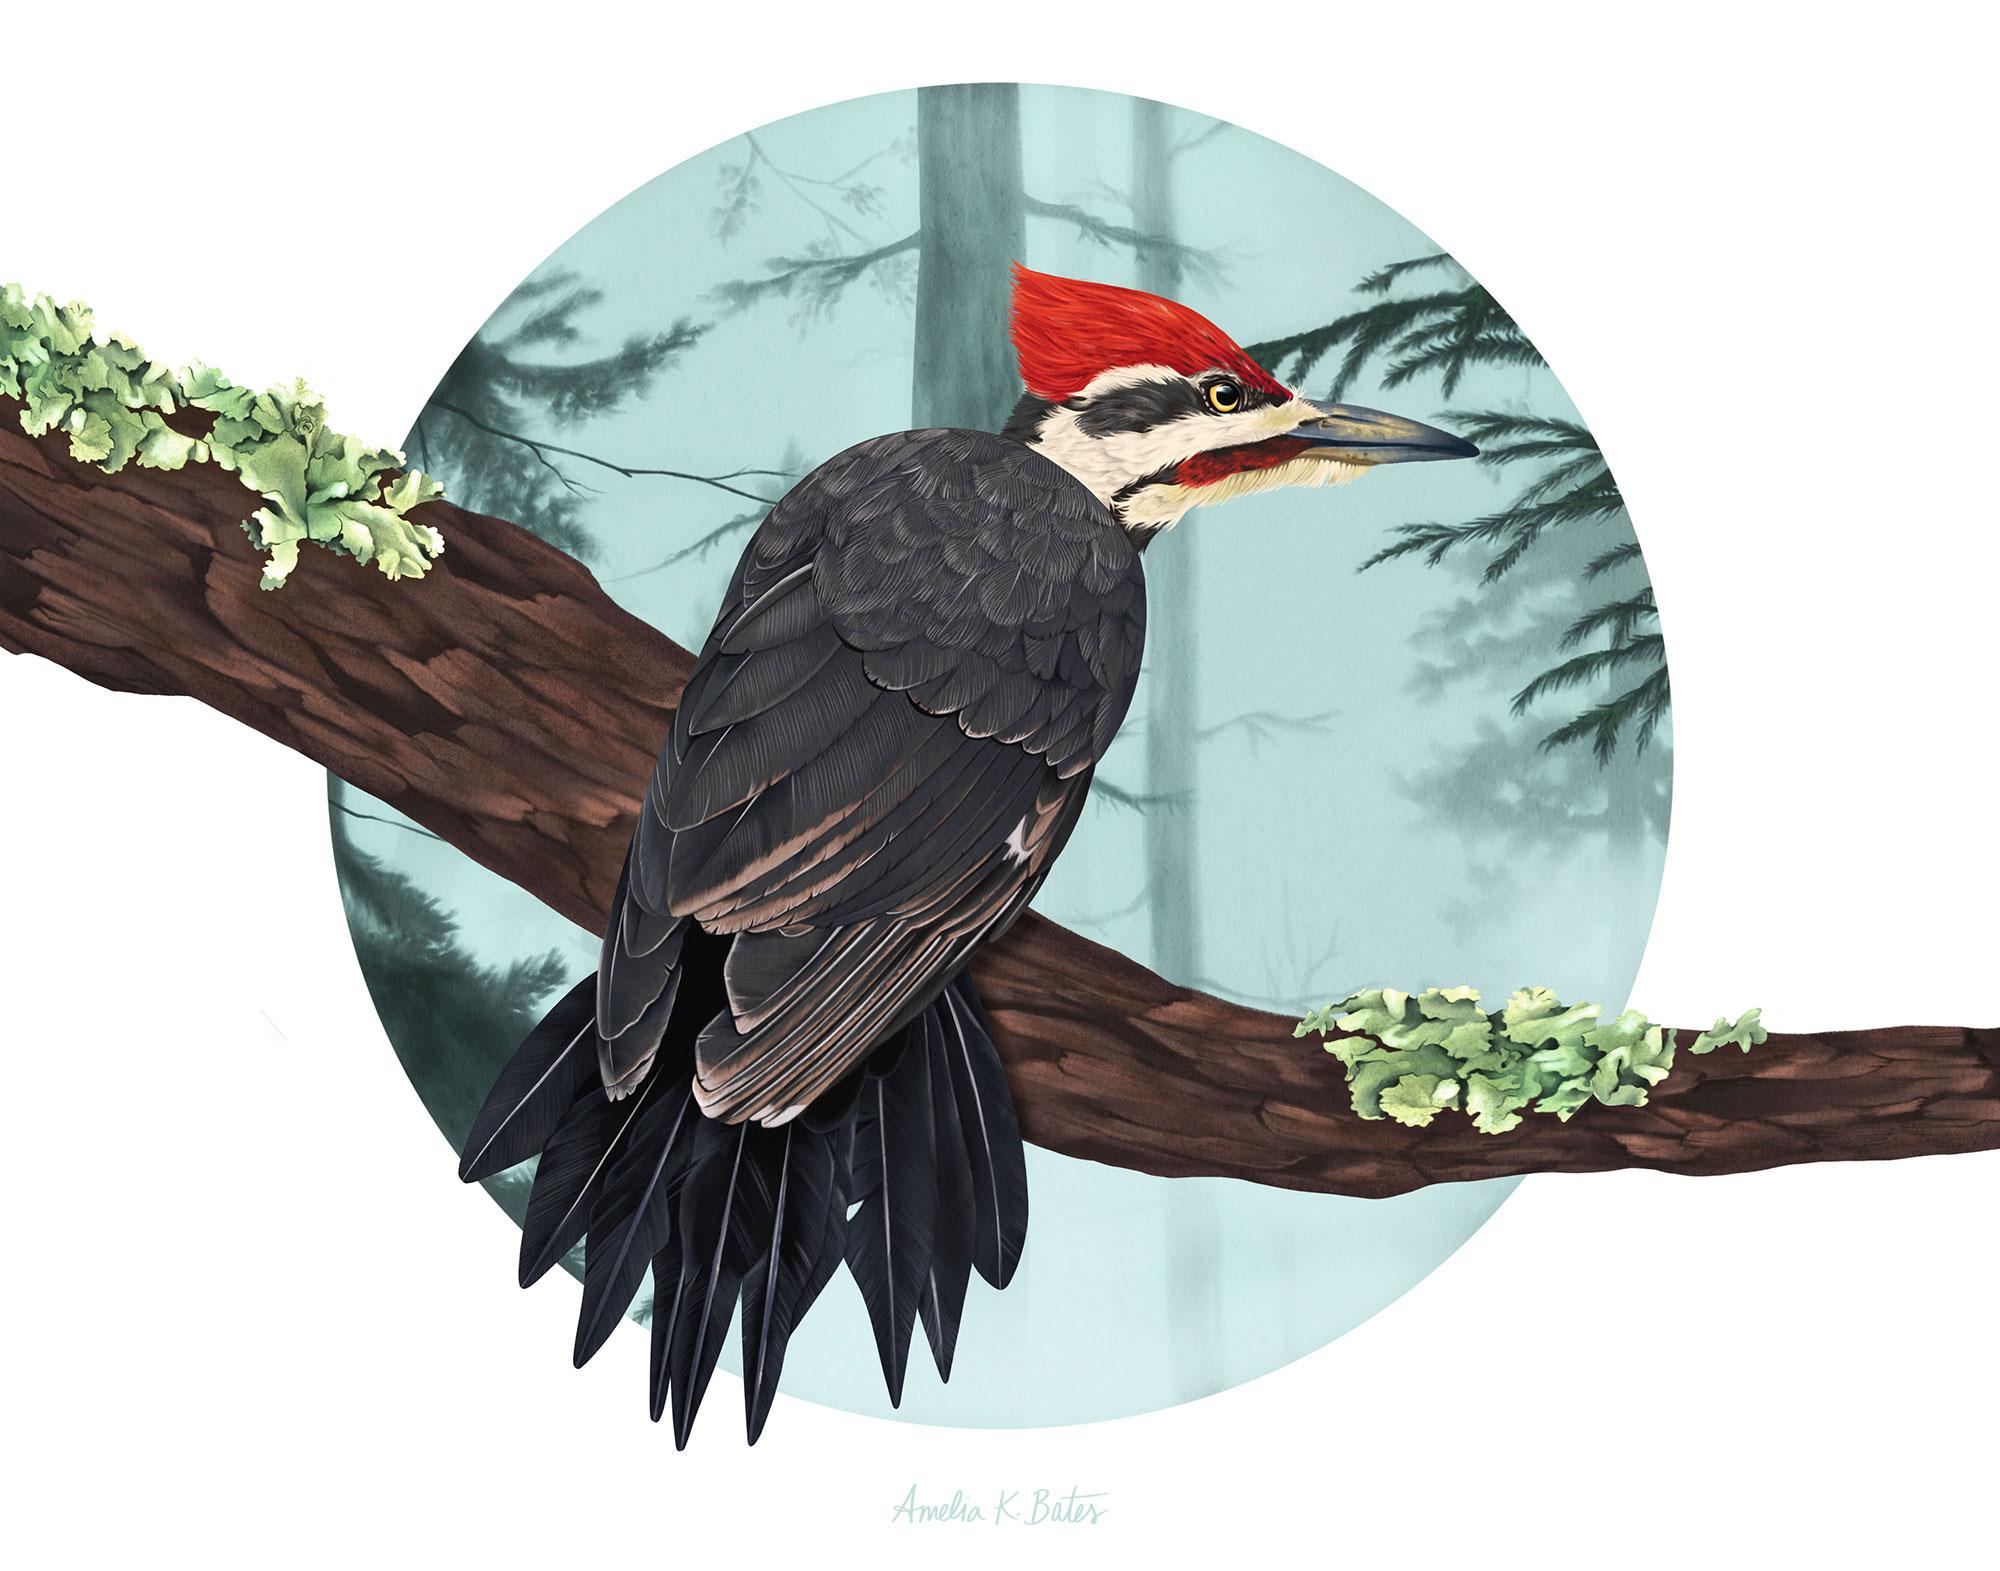 Pileated woodpecker (Dryocopus pileatus), digital illustration in Procreate on iPad Pro